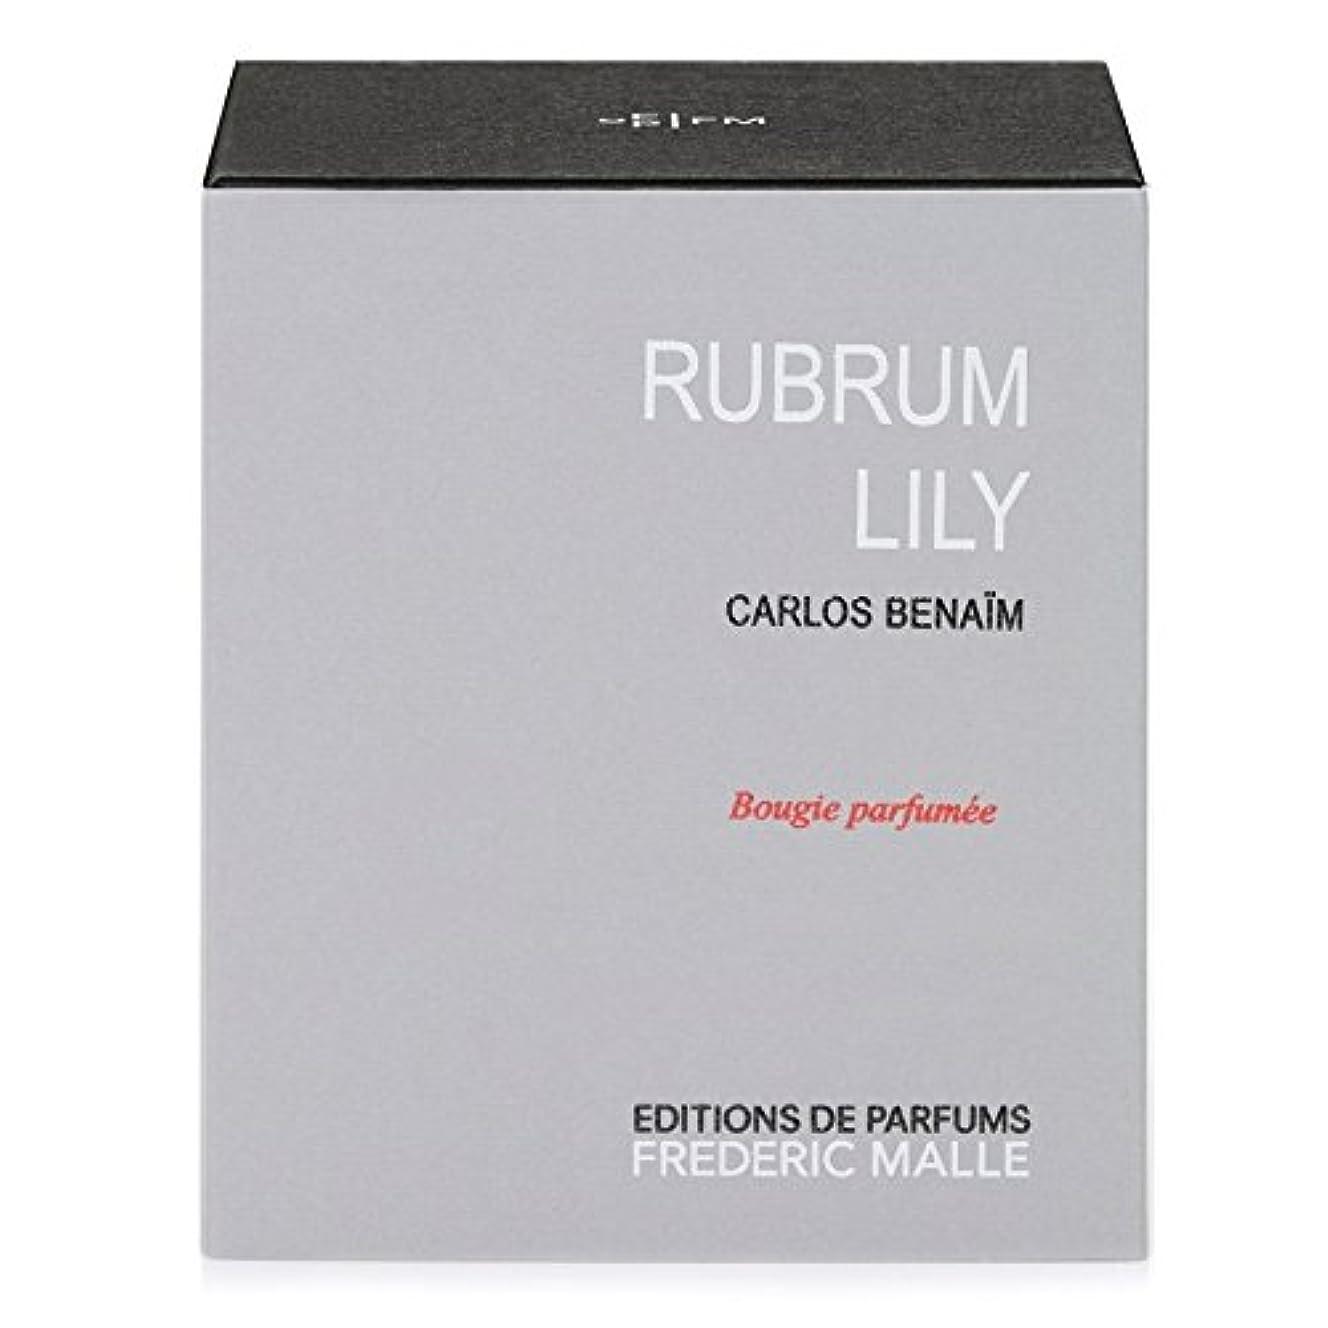 連続的バッテリー姿勢Frederic Malle Rubrum Lily Scented Candle - フレデリック?マルルブルムユリの香りのキャンドル [並行輸入品]